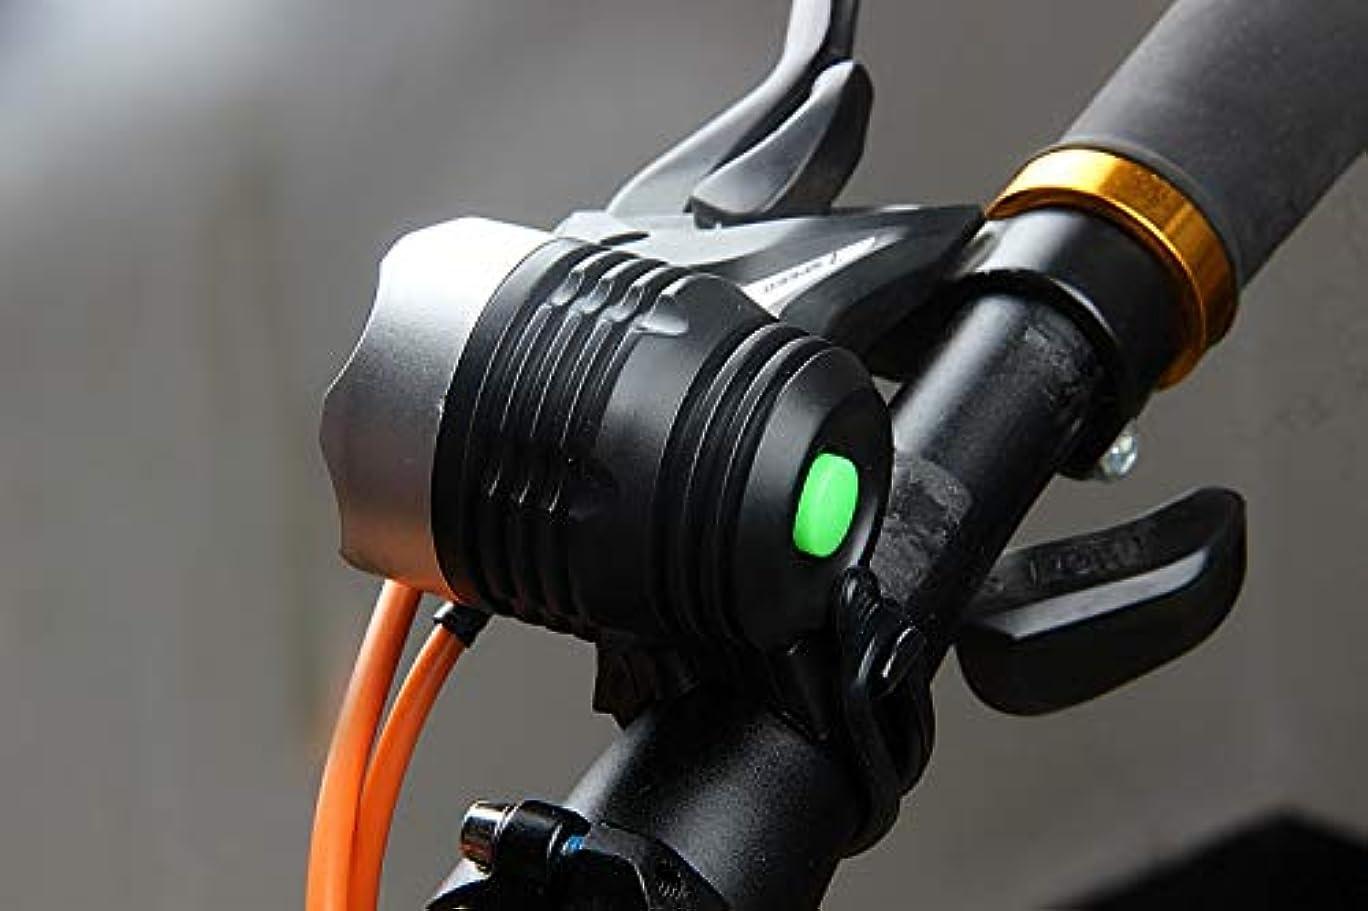 コジオスコそばに寛容な明るい自転車用のオリジナルLED自転車充電式ライトセット| Jtogo.jpワイド&ロングカバー範囲